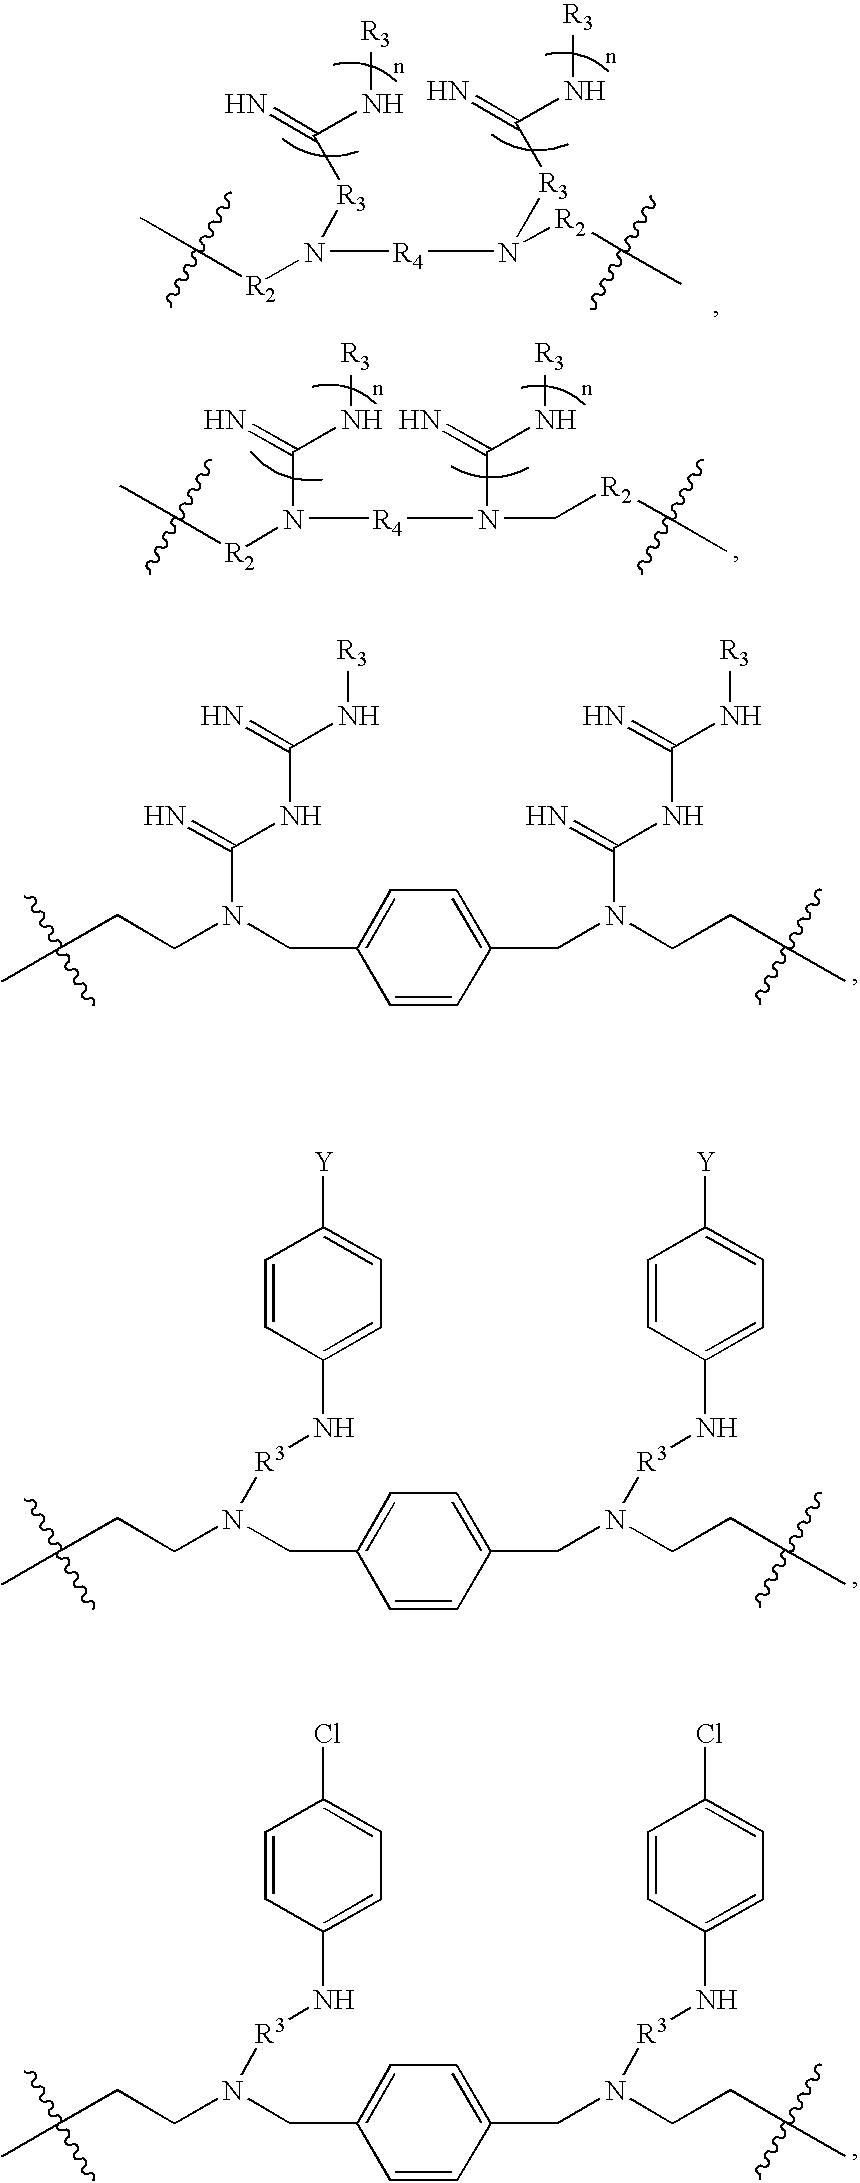 Figure US20090074833A1-20090319-C00092